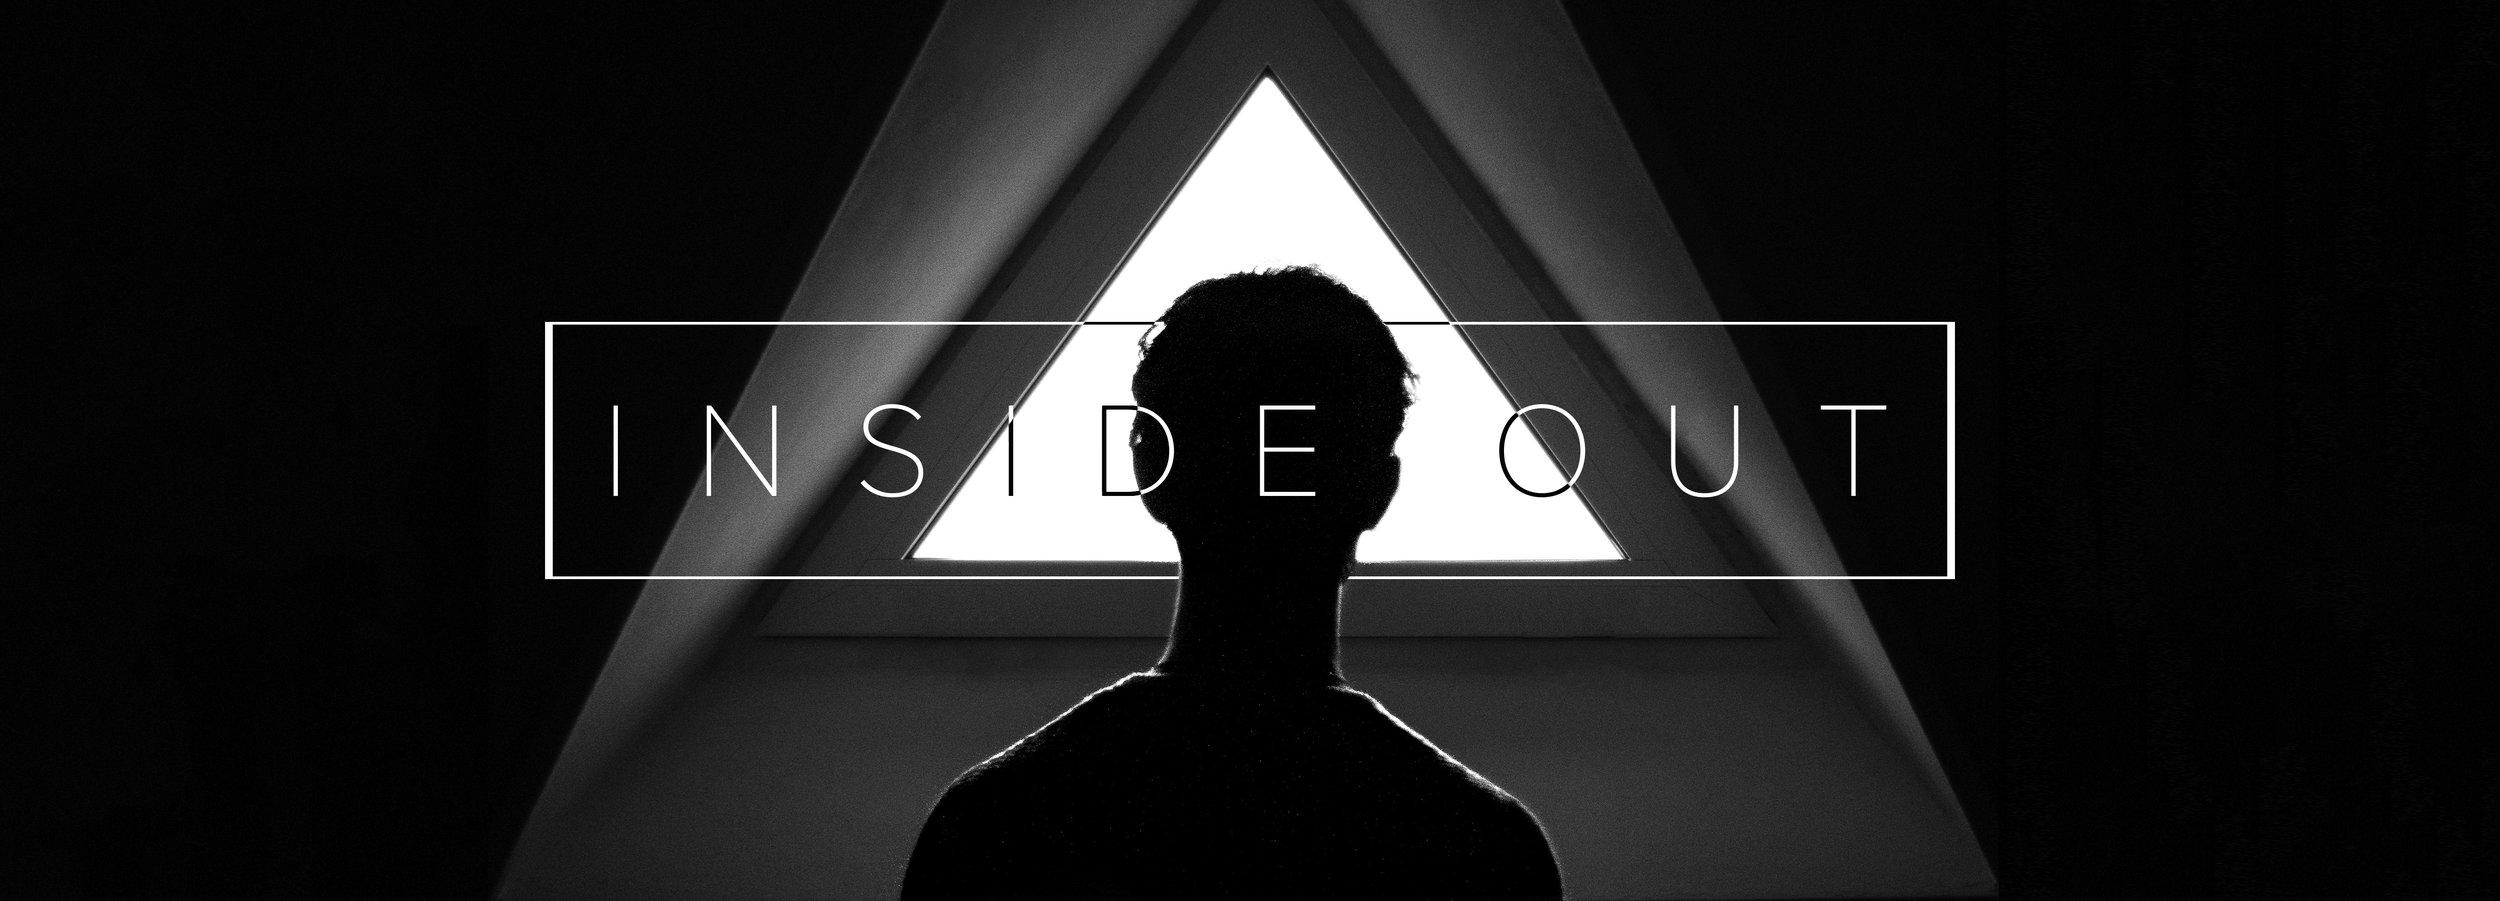 Inside Out_banner.jpg